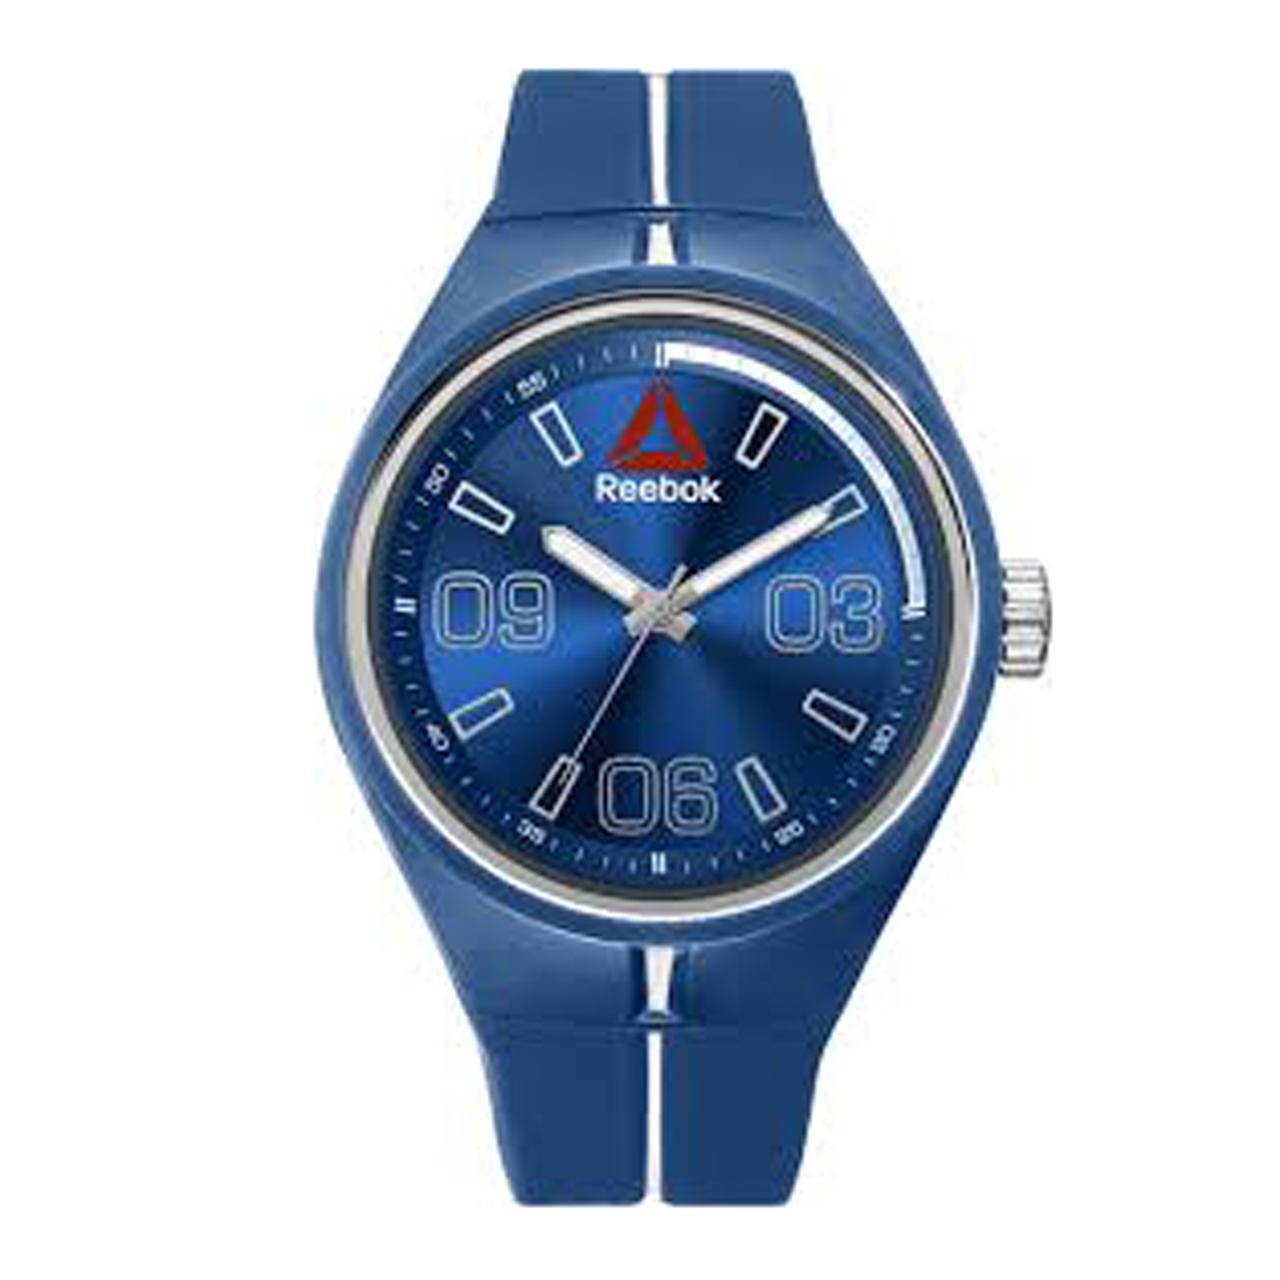 ساعت مچی عقربه ای مردانه ریباک مدل RD-TRA-G2-PNIN-N1 49